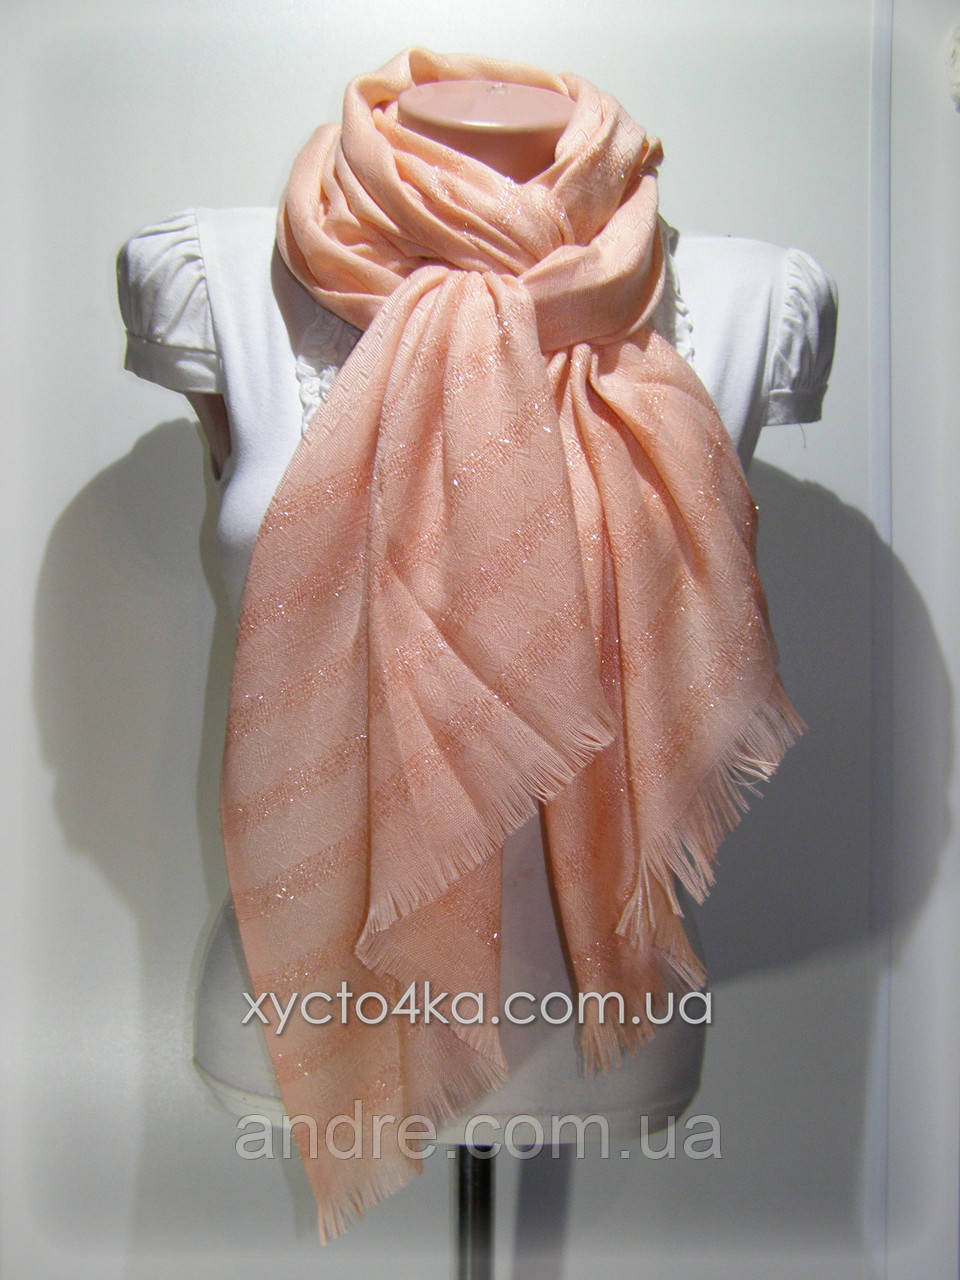 Однотонный шарф с люрексом Моника, персиковый